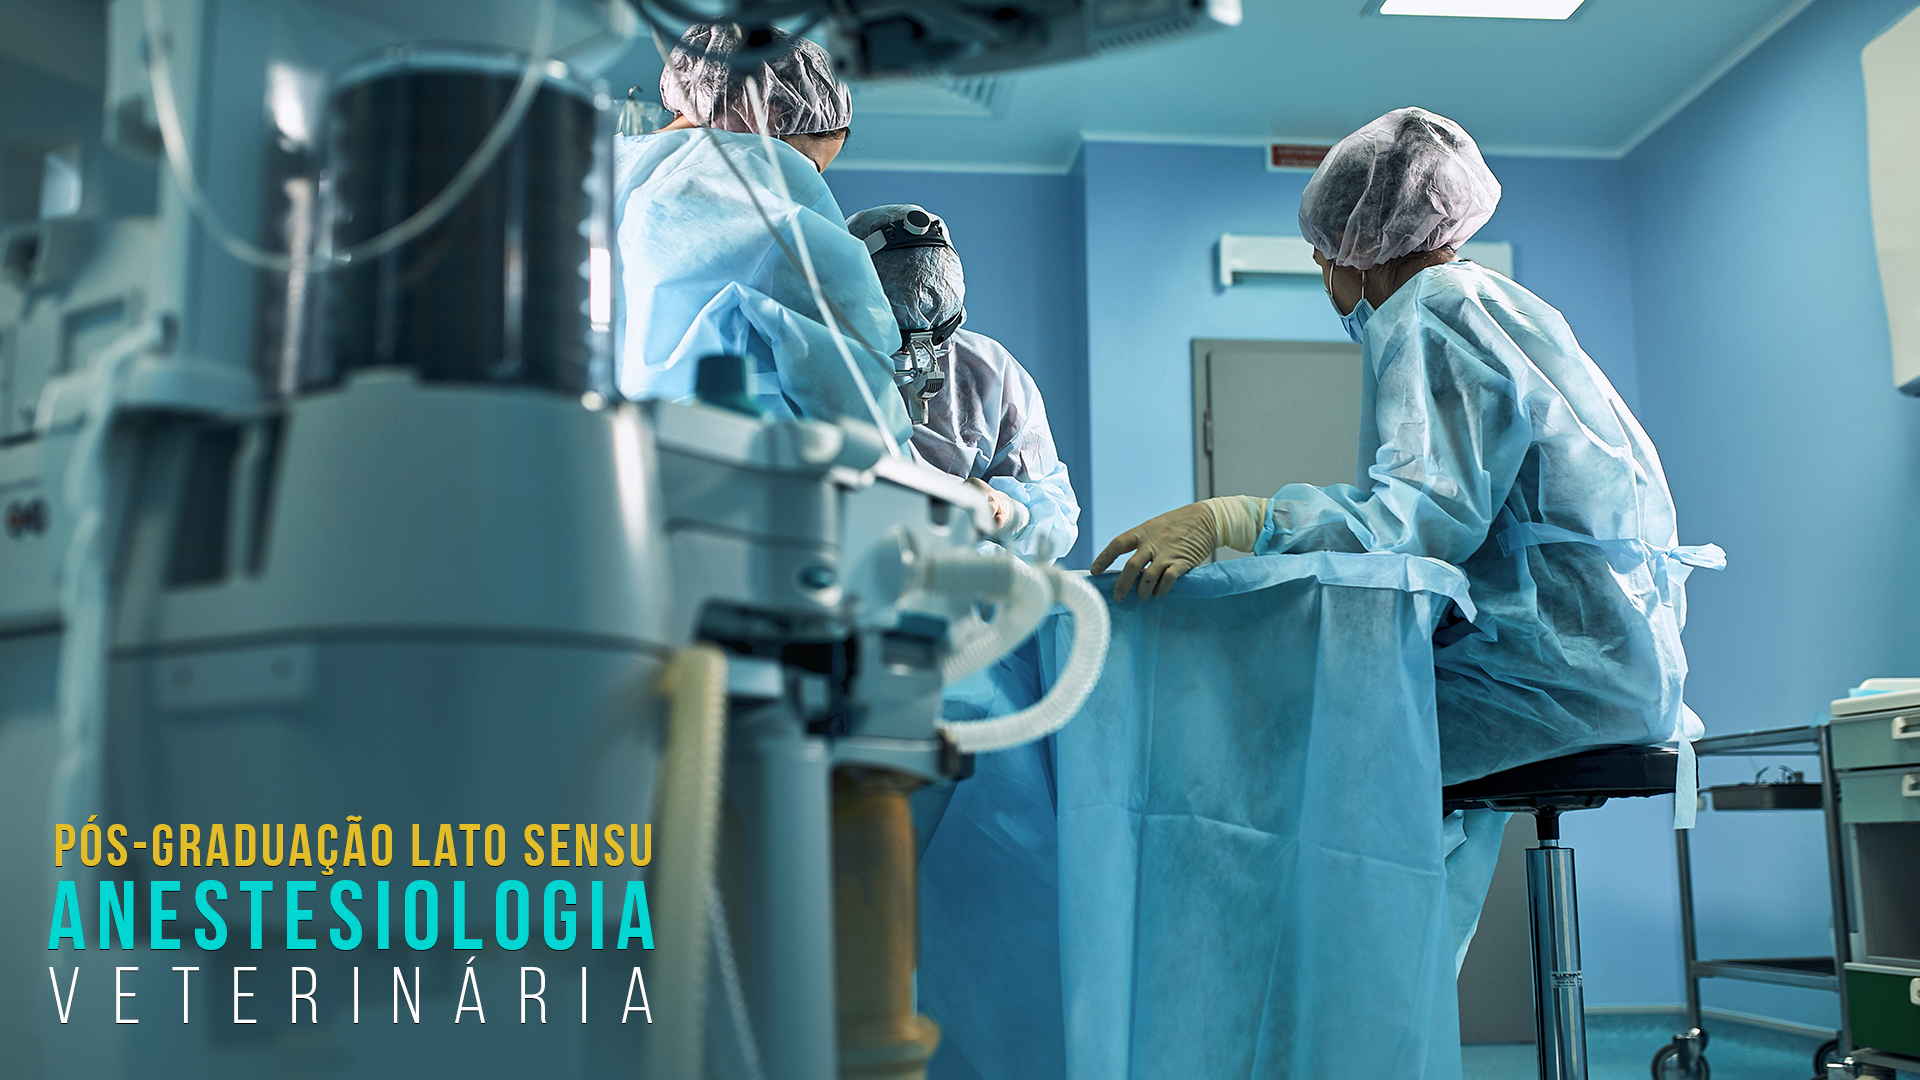 Pós Graduação em Anestesiologia Veterinária Turma V SP